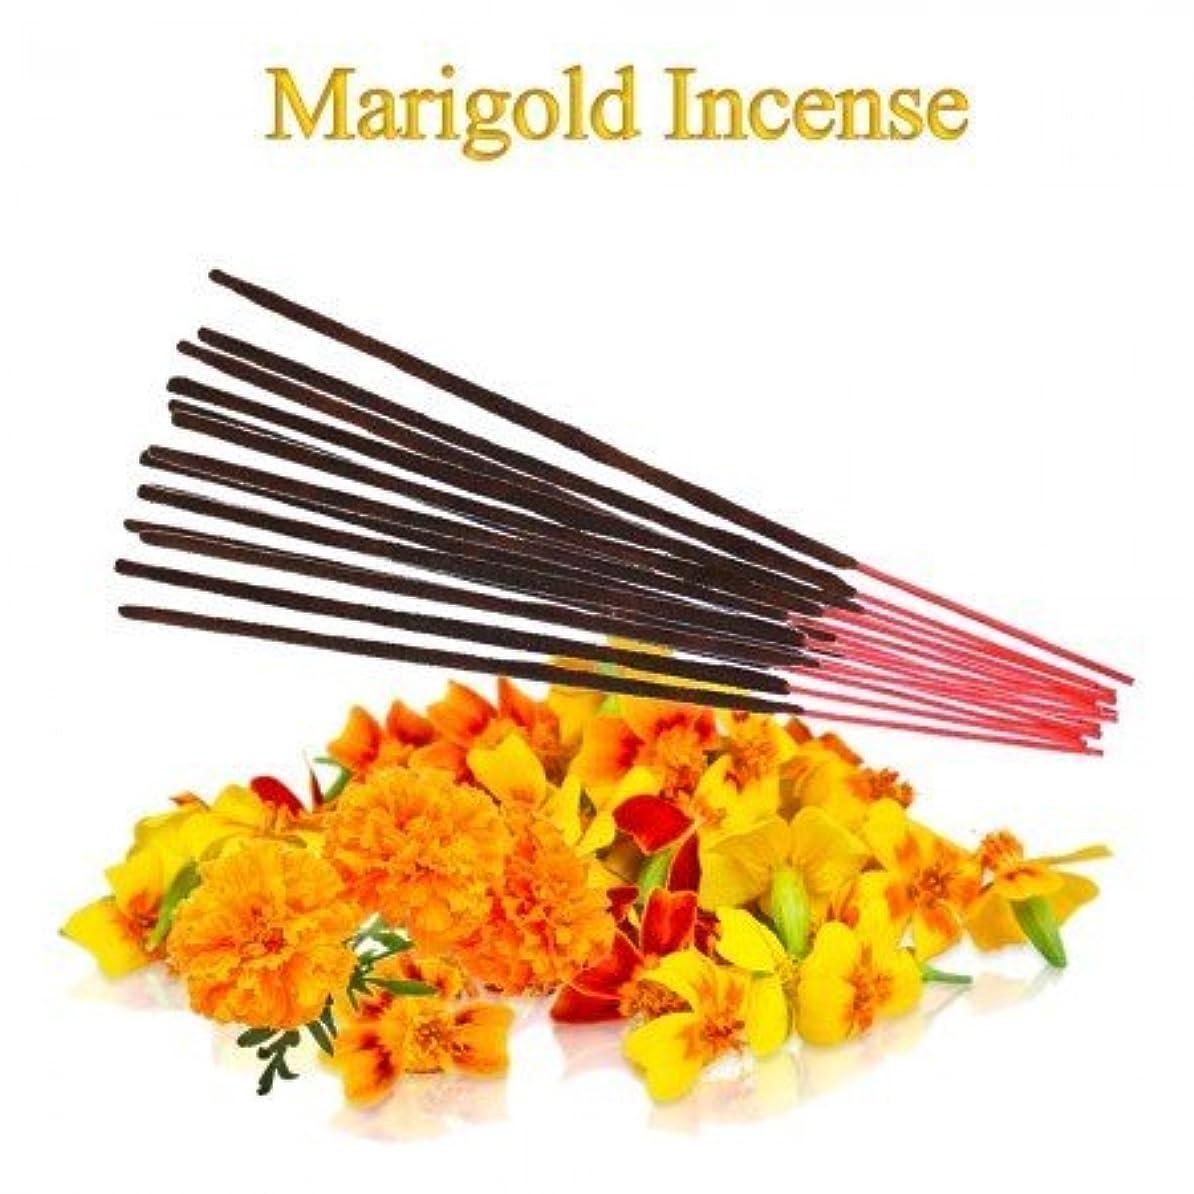 額メッセンジャー連鎖Marigold Incense - 100 gms Divine World